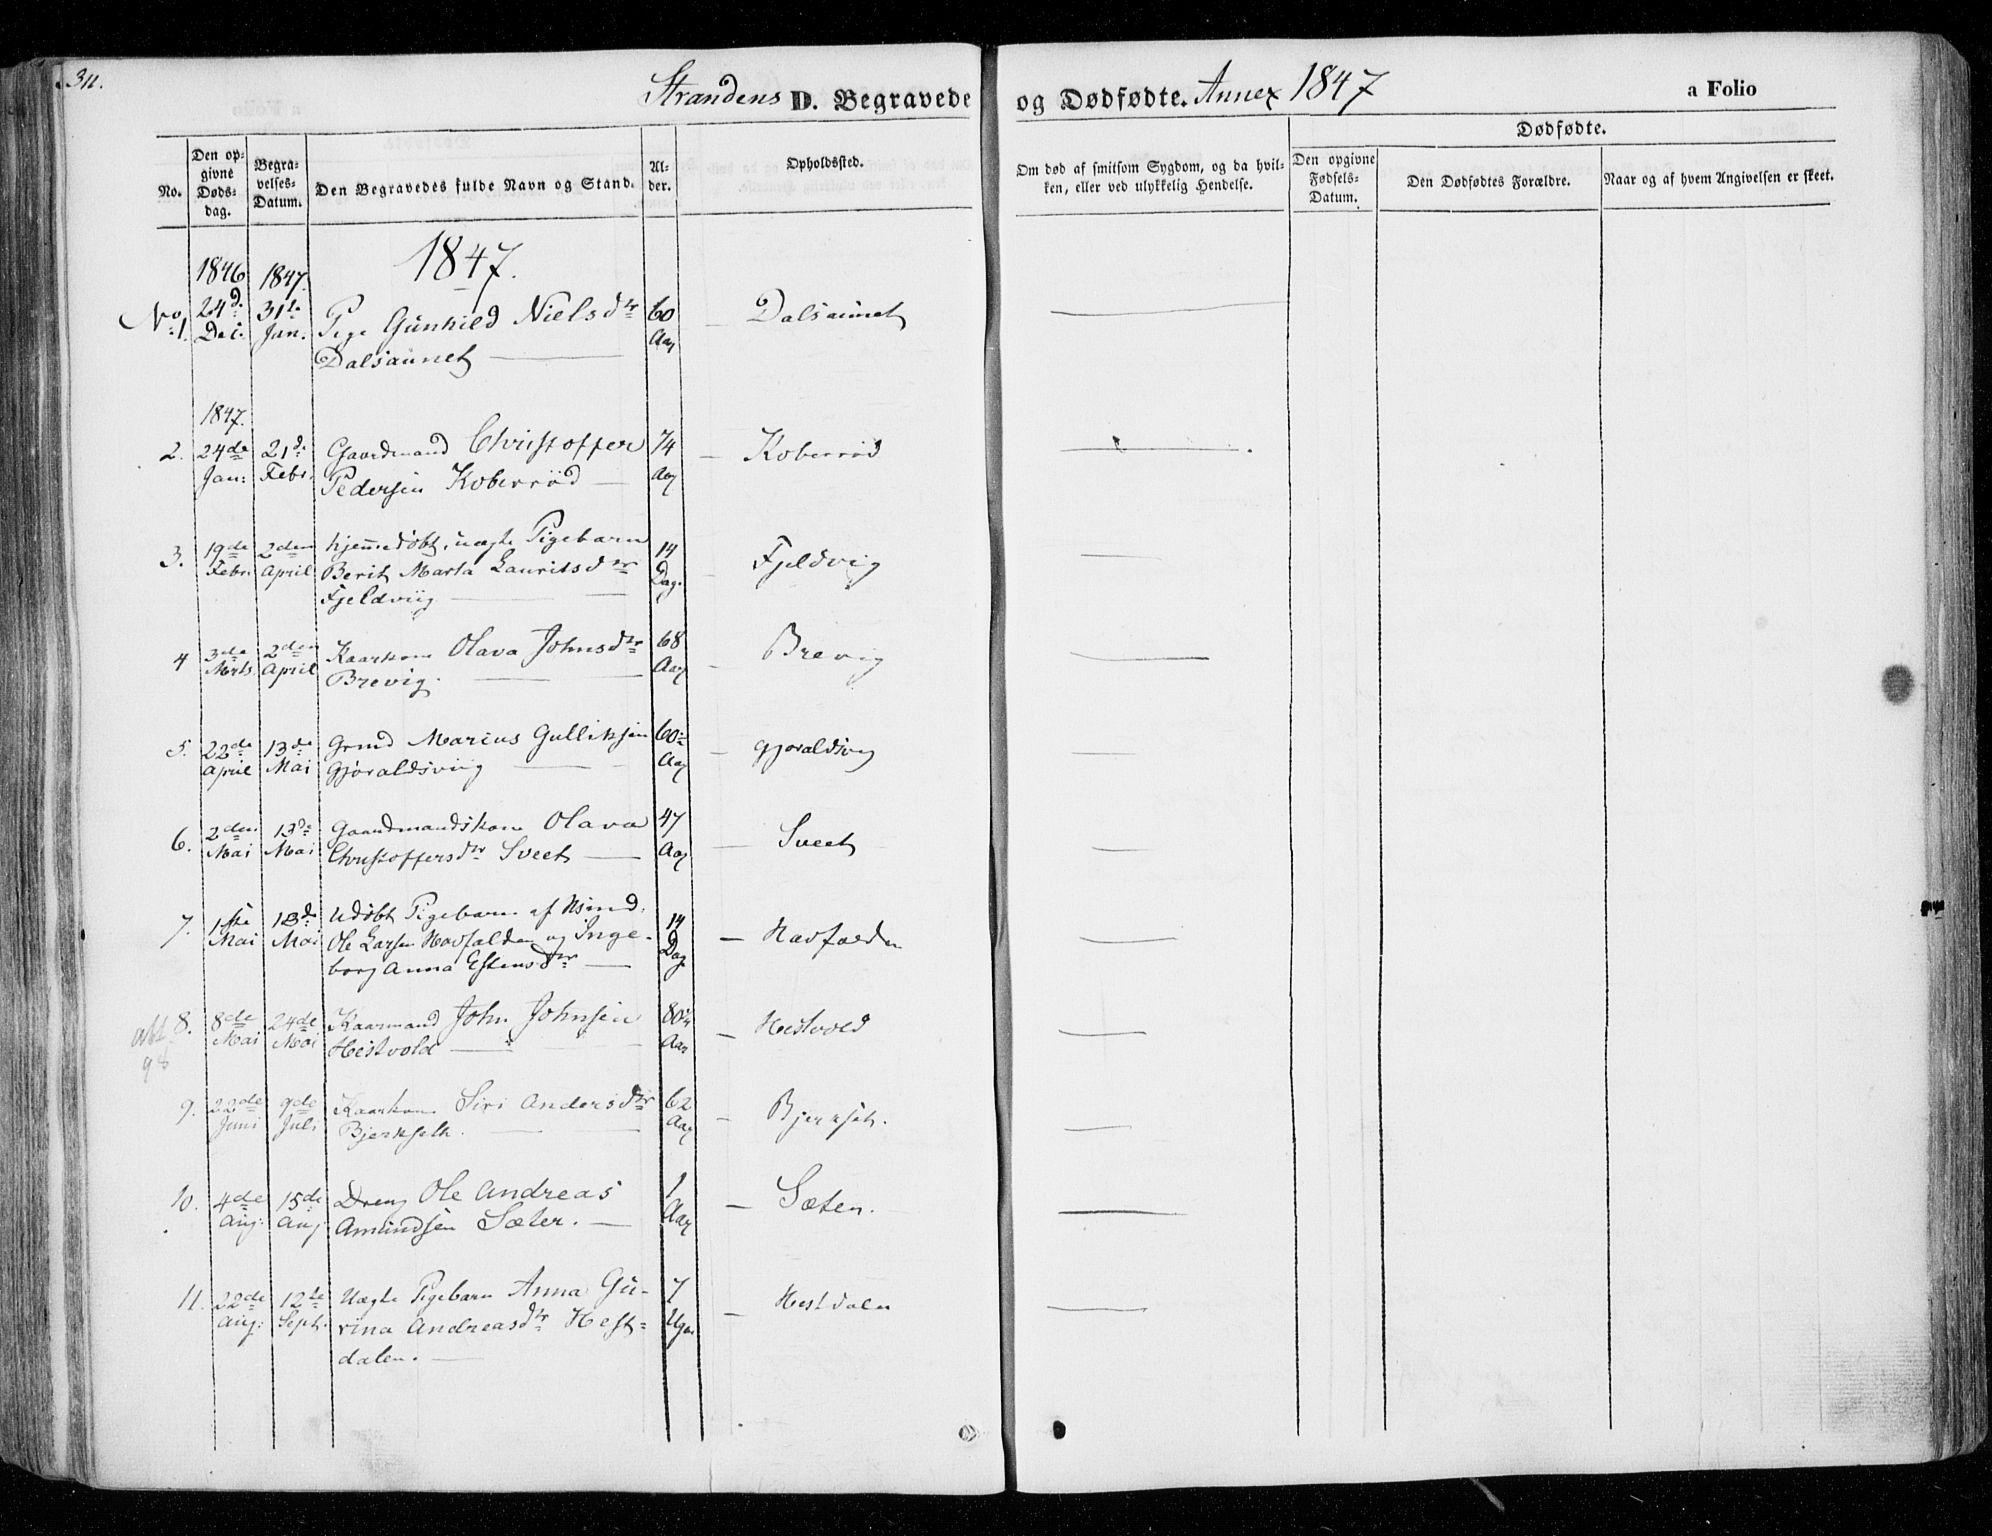 SAT, Ministerialprotokoller, klokkerbøker og fødselsregistre - Nord-Trøndelag, 701/L0007: Ministerialbok nr. 701A07 /2, 1842-1854, s. 311